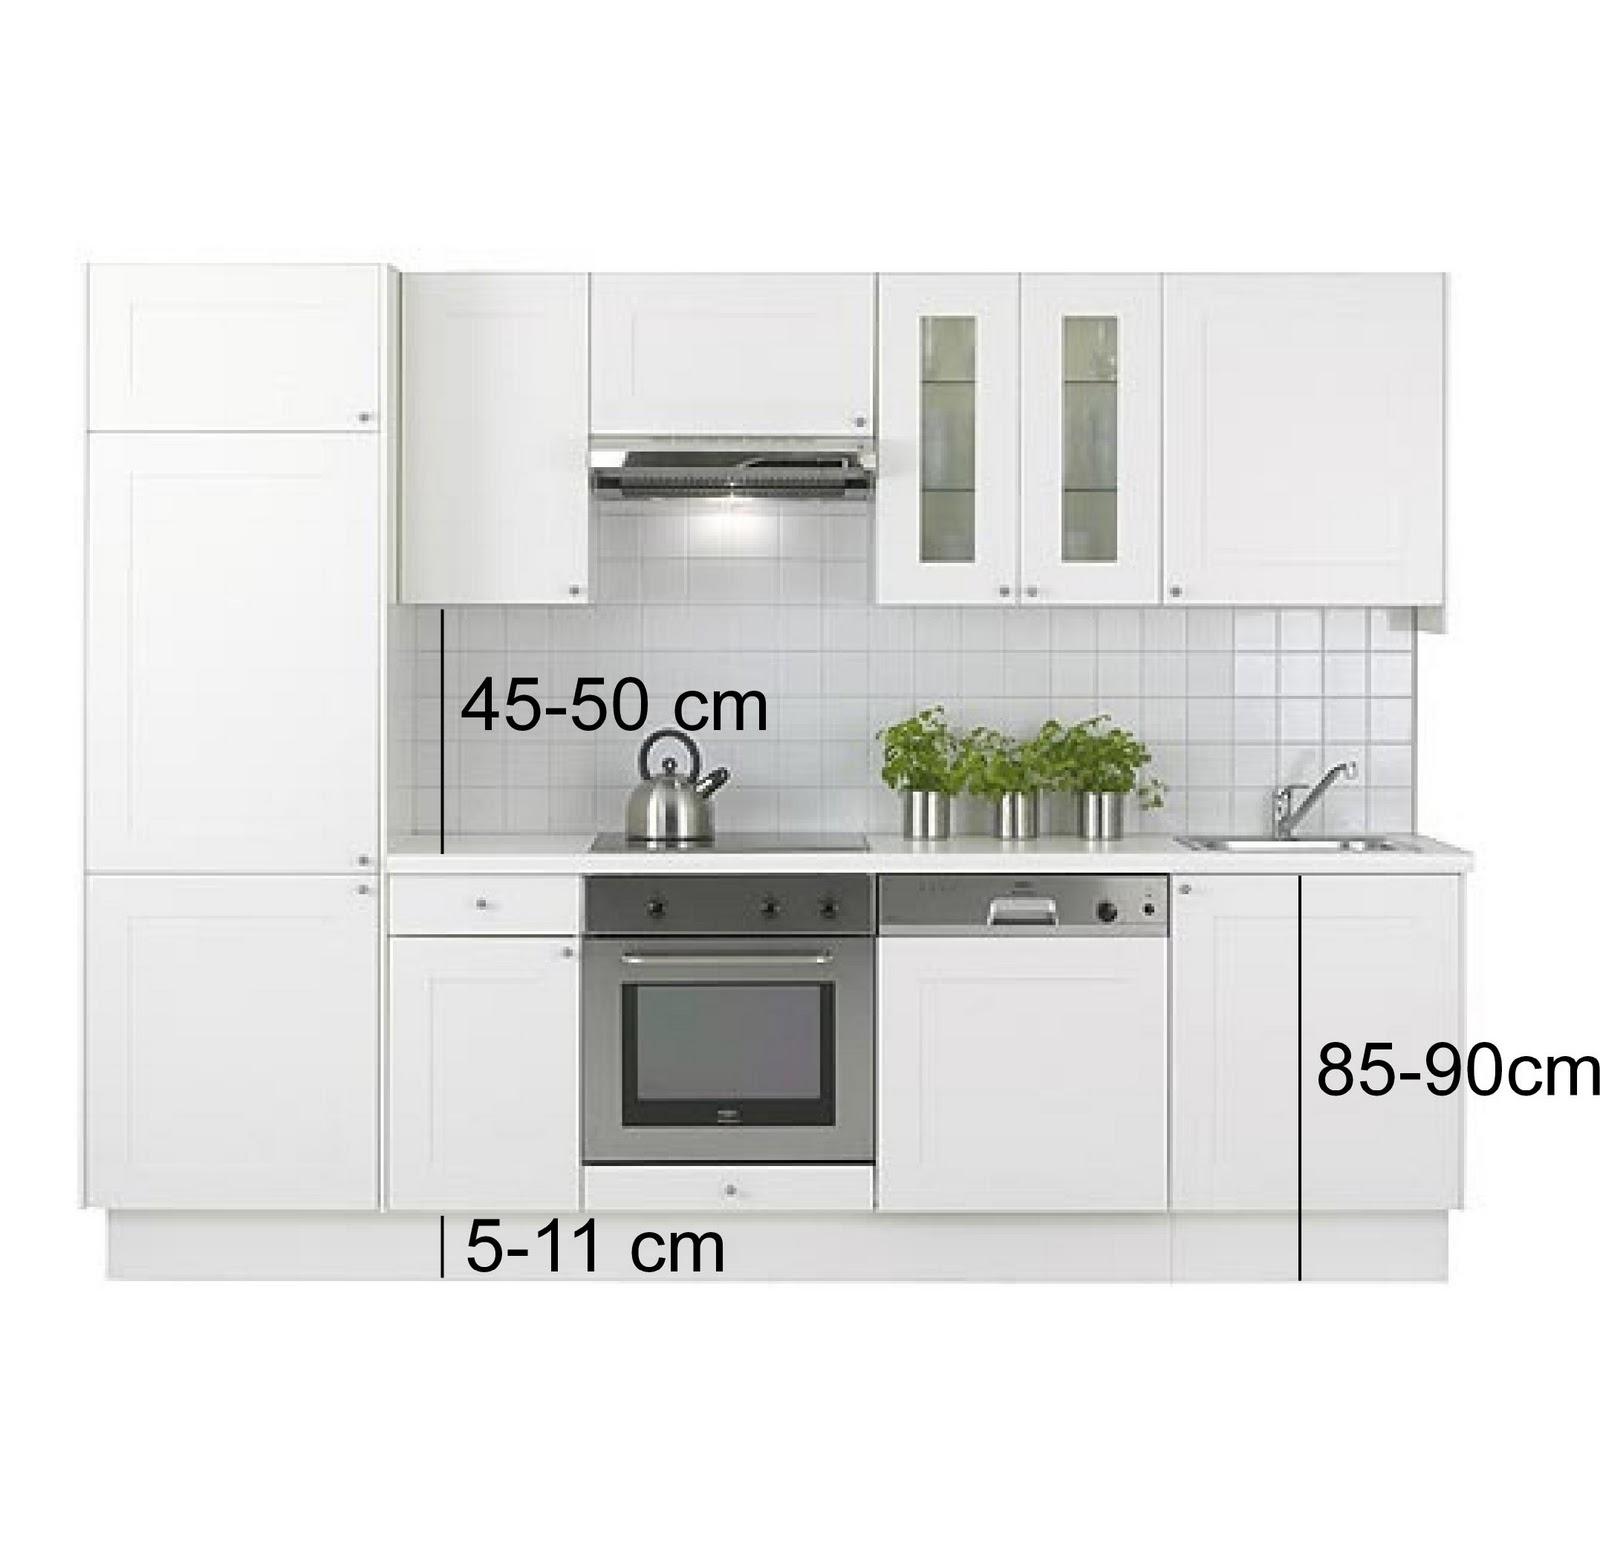 Reformar la cocina: distancias, medidas y dimensiones a tener en ...